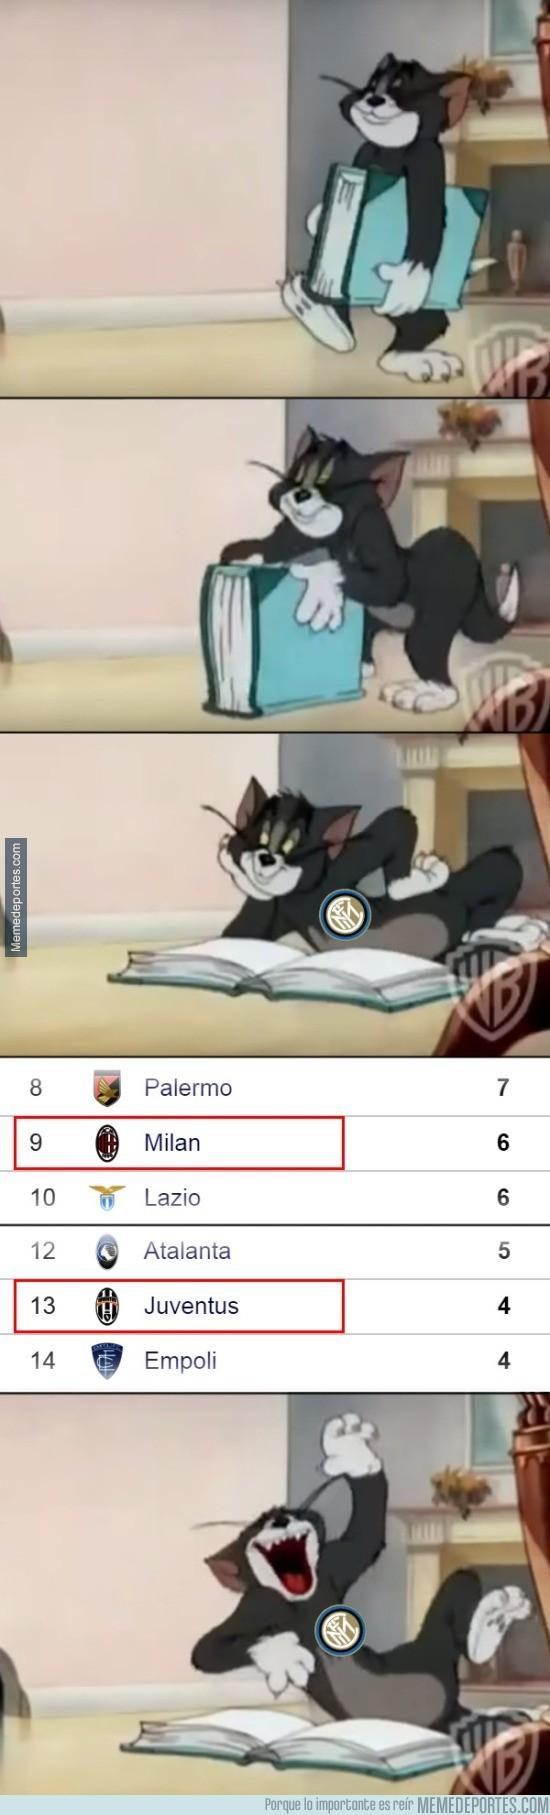 693030 - El Inter al ver a sus rivales de toda la vida en la clasificación de la Serie A